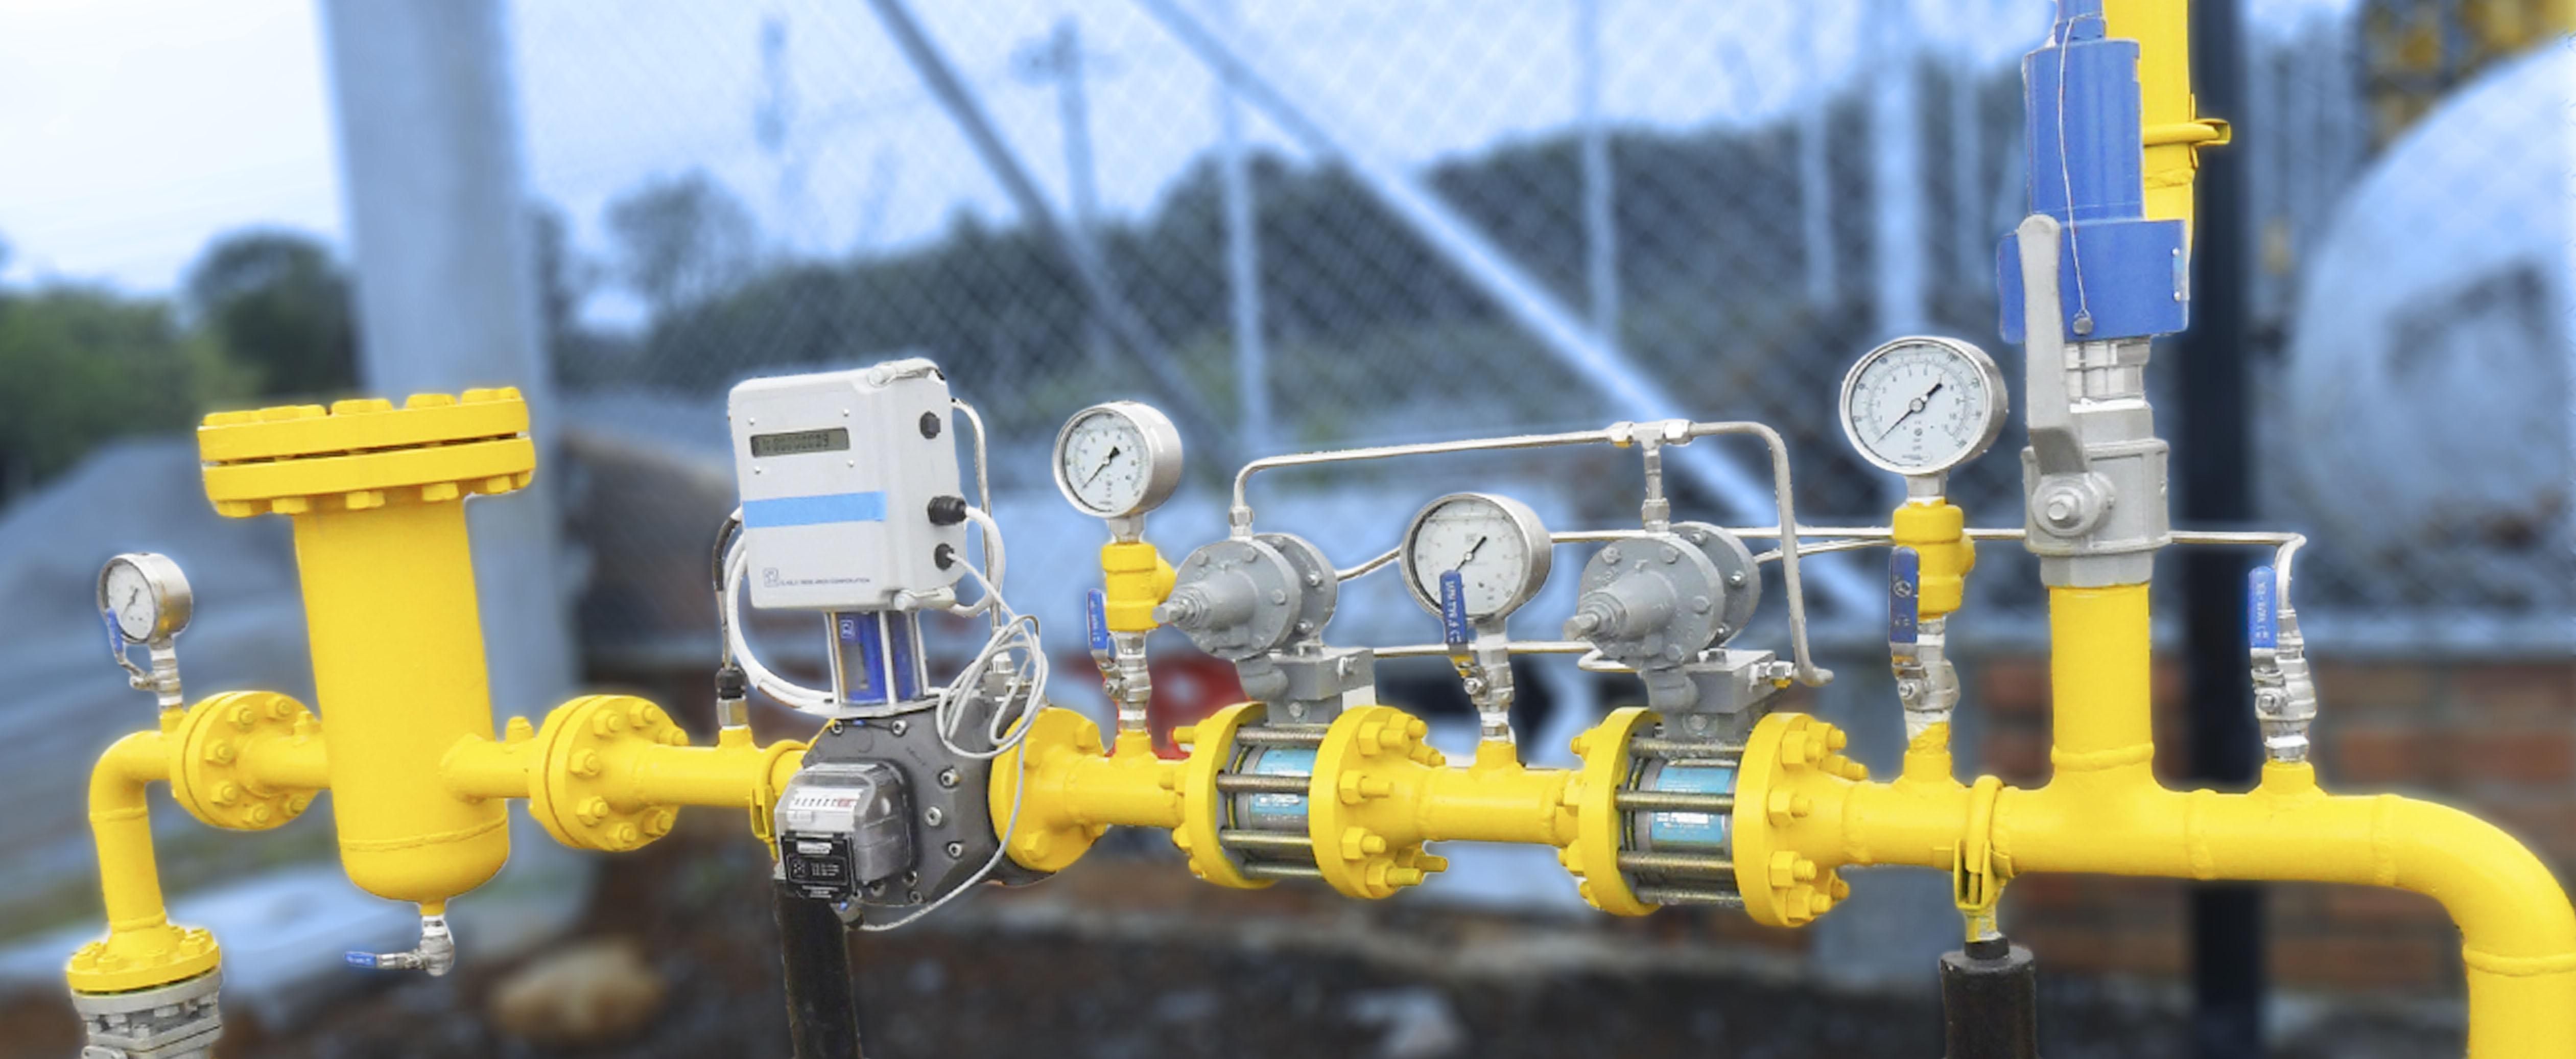 tren-redes de gas-dingelme